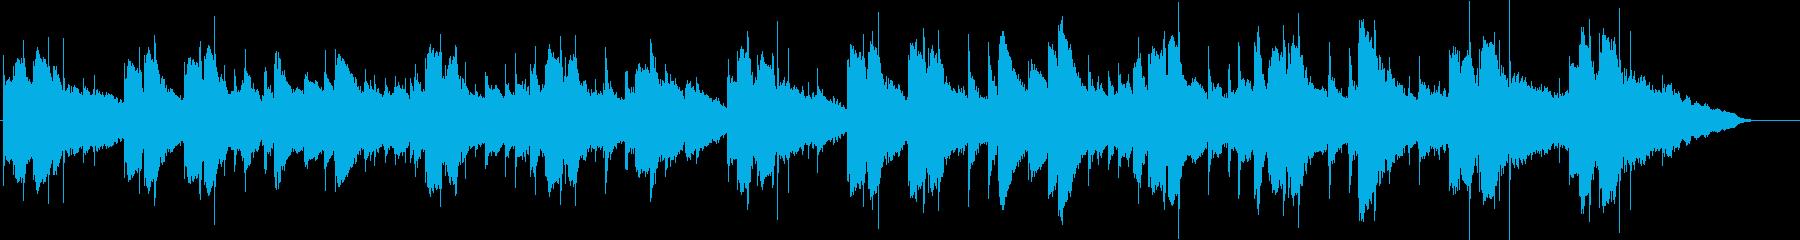 きよしこの夜ハンドベル・バージョンの再生済みの波形